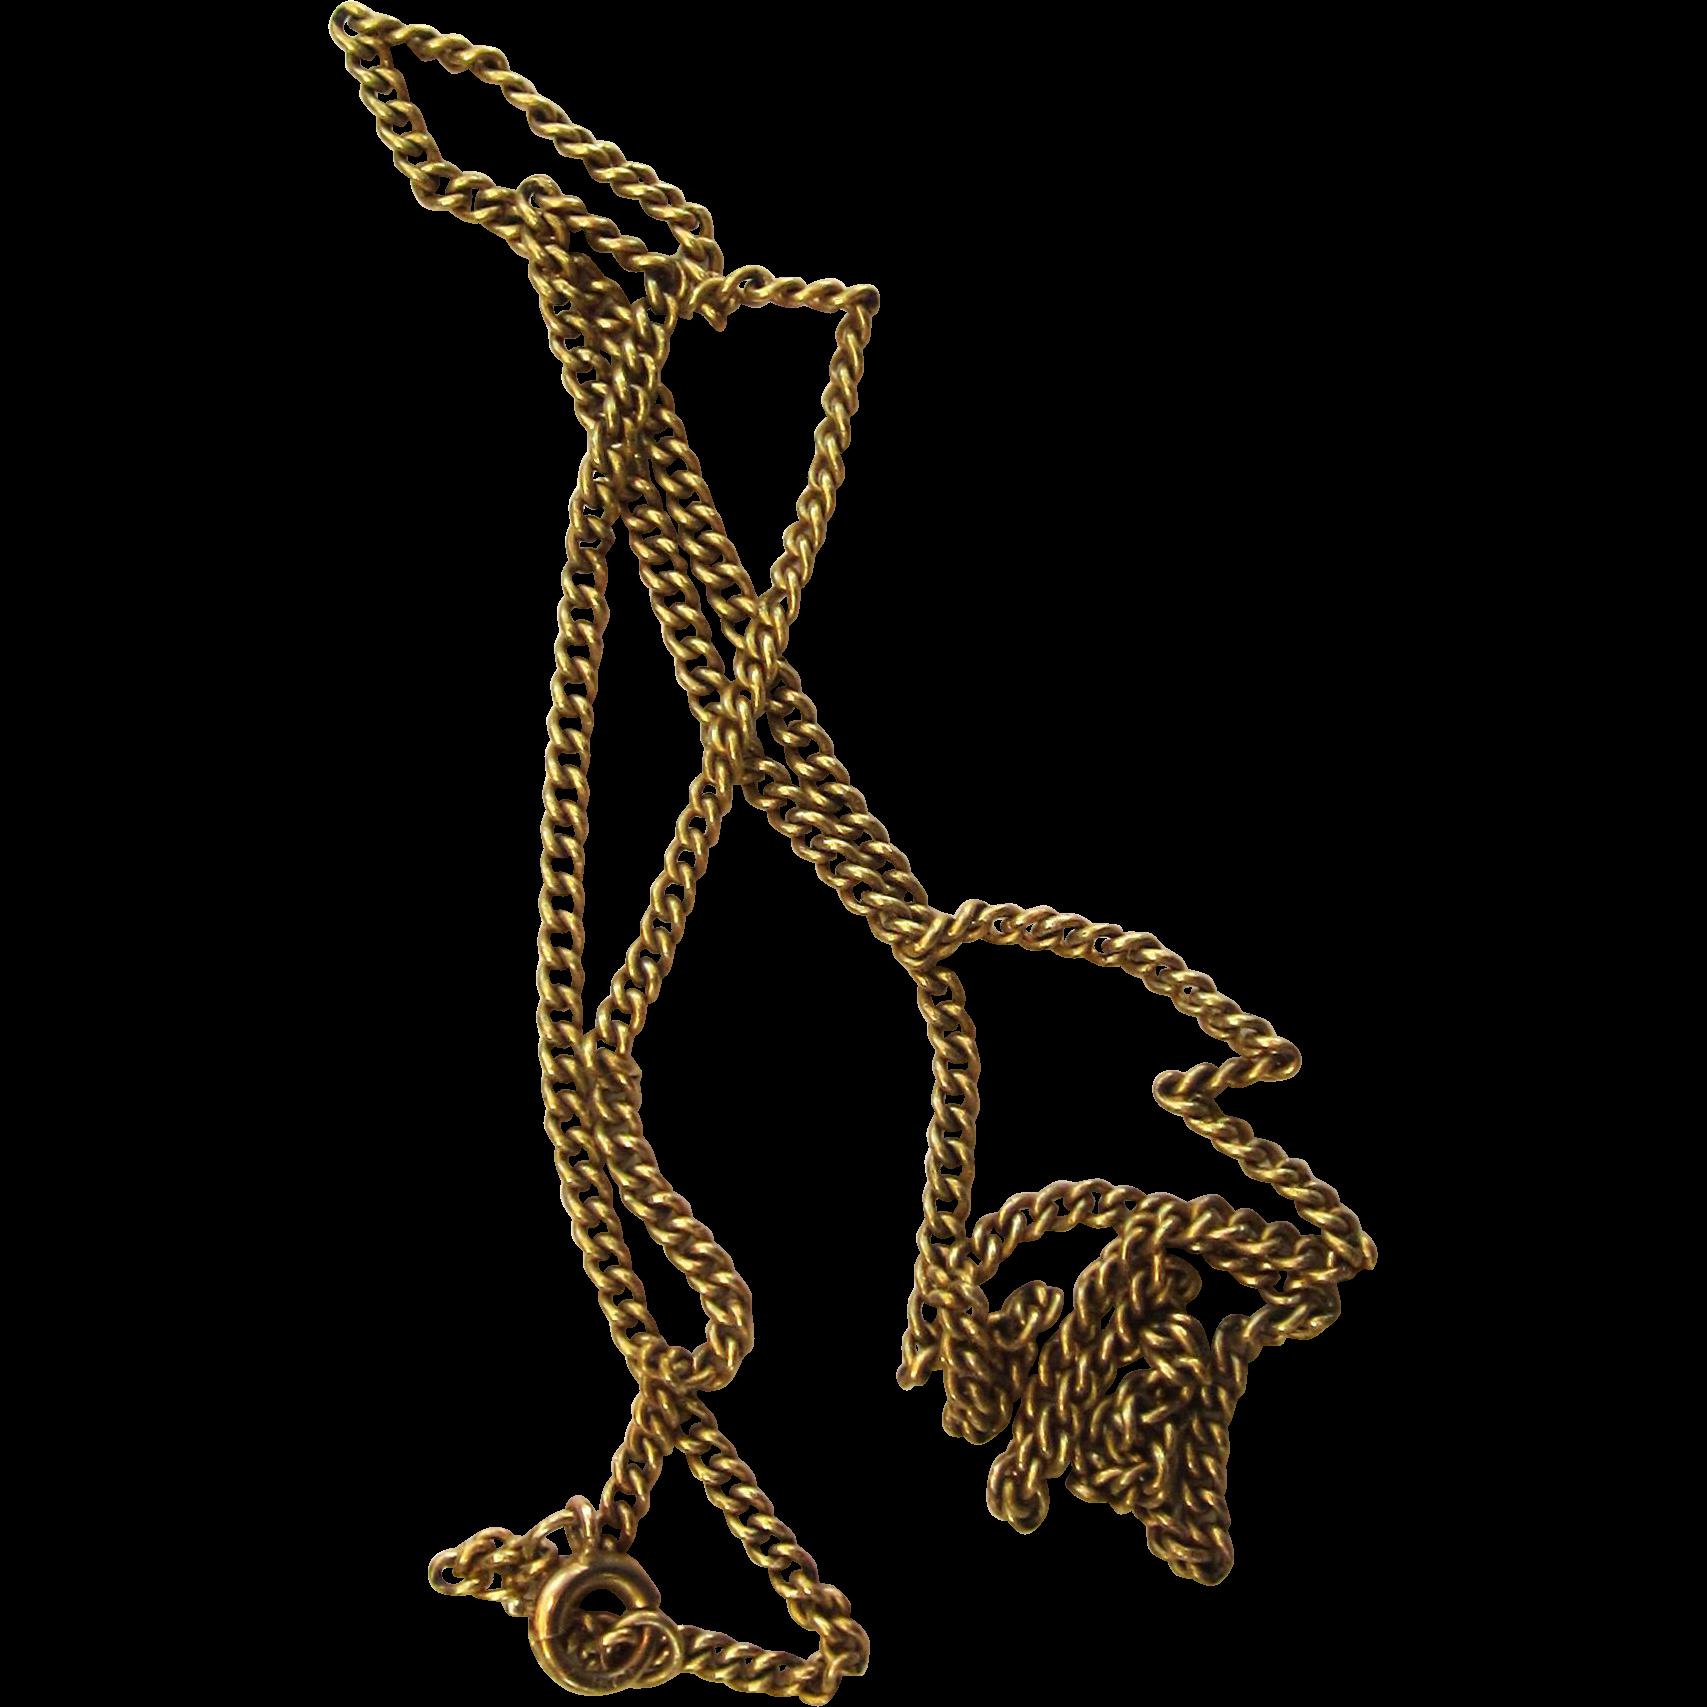 British 15 Ct Yellow Gold Chain